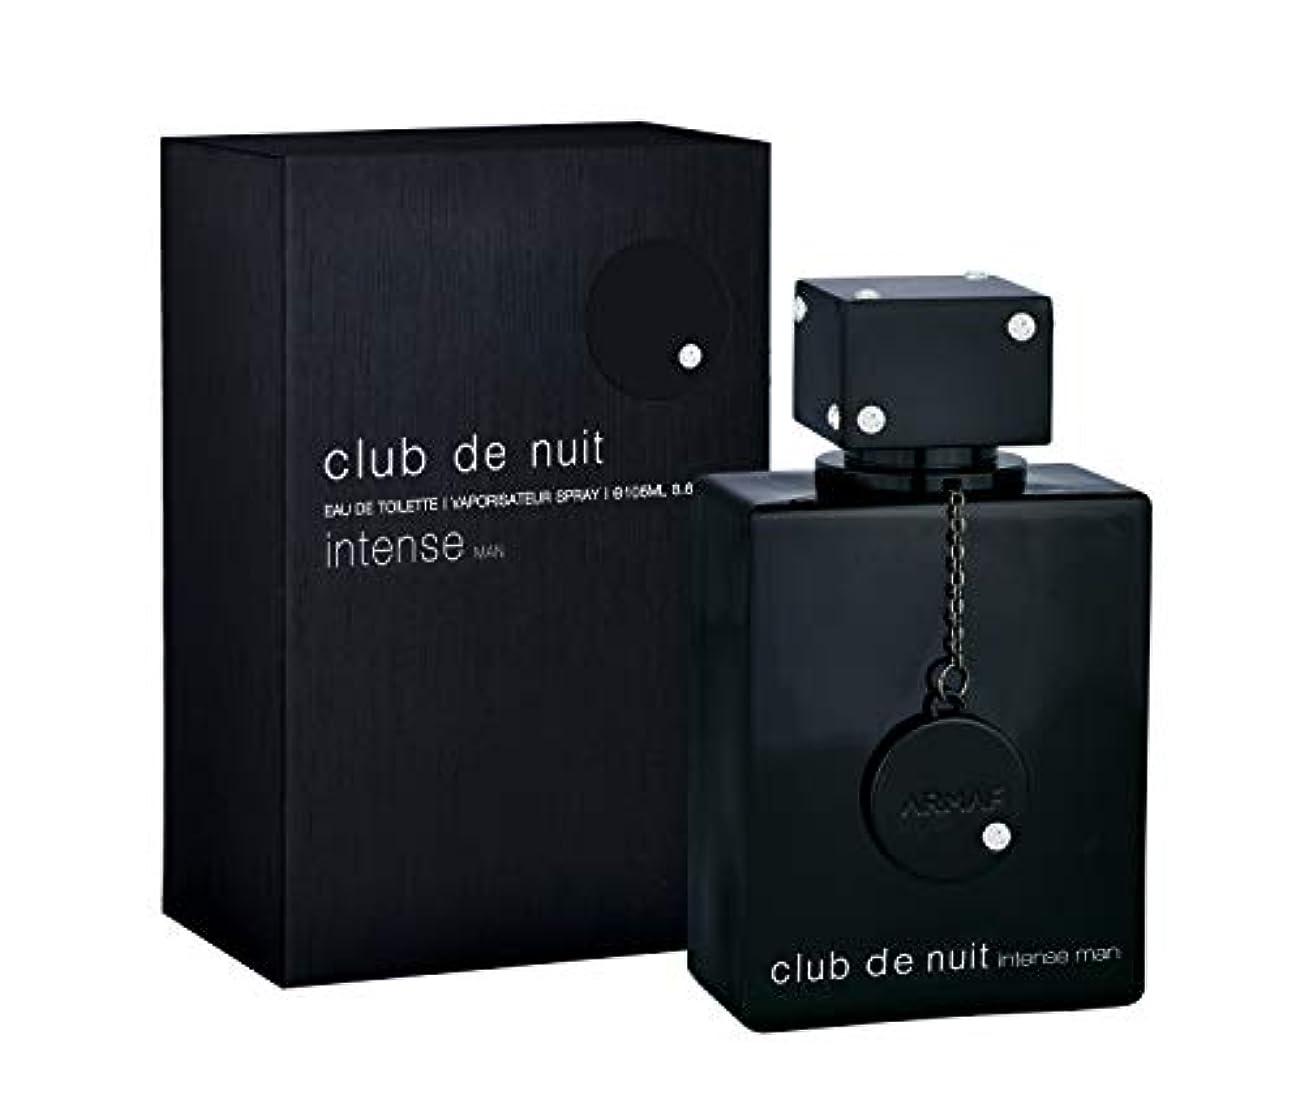 ガチョウシンク句読点Armaf club de nuit men intense Perfume EDT Eau De Toilette 100 ml Fragrance